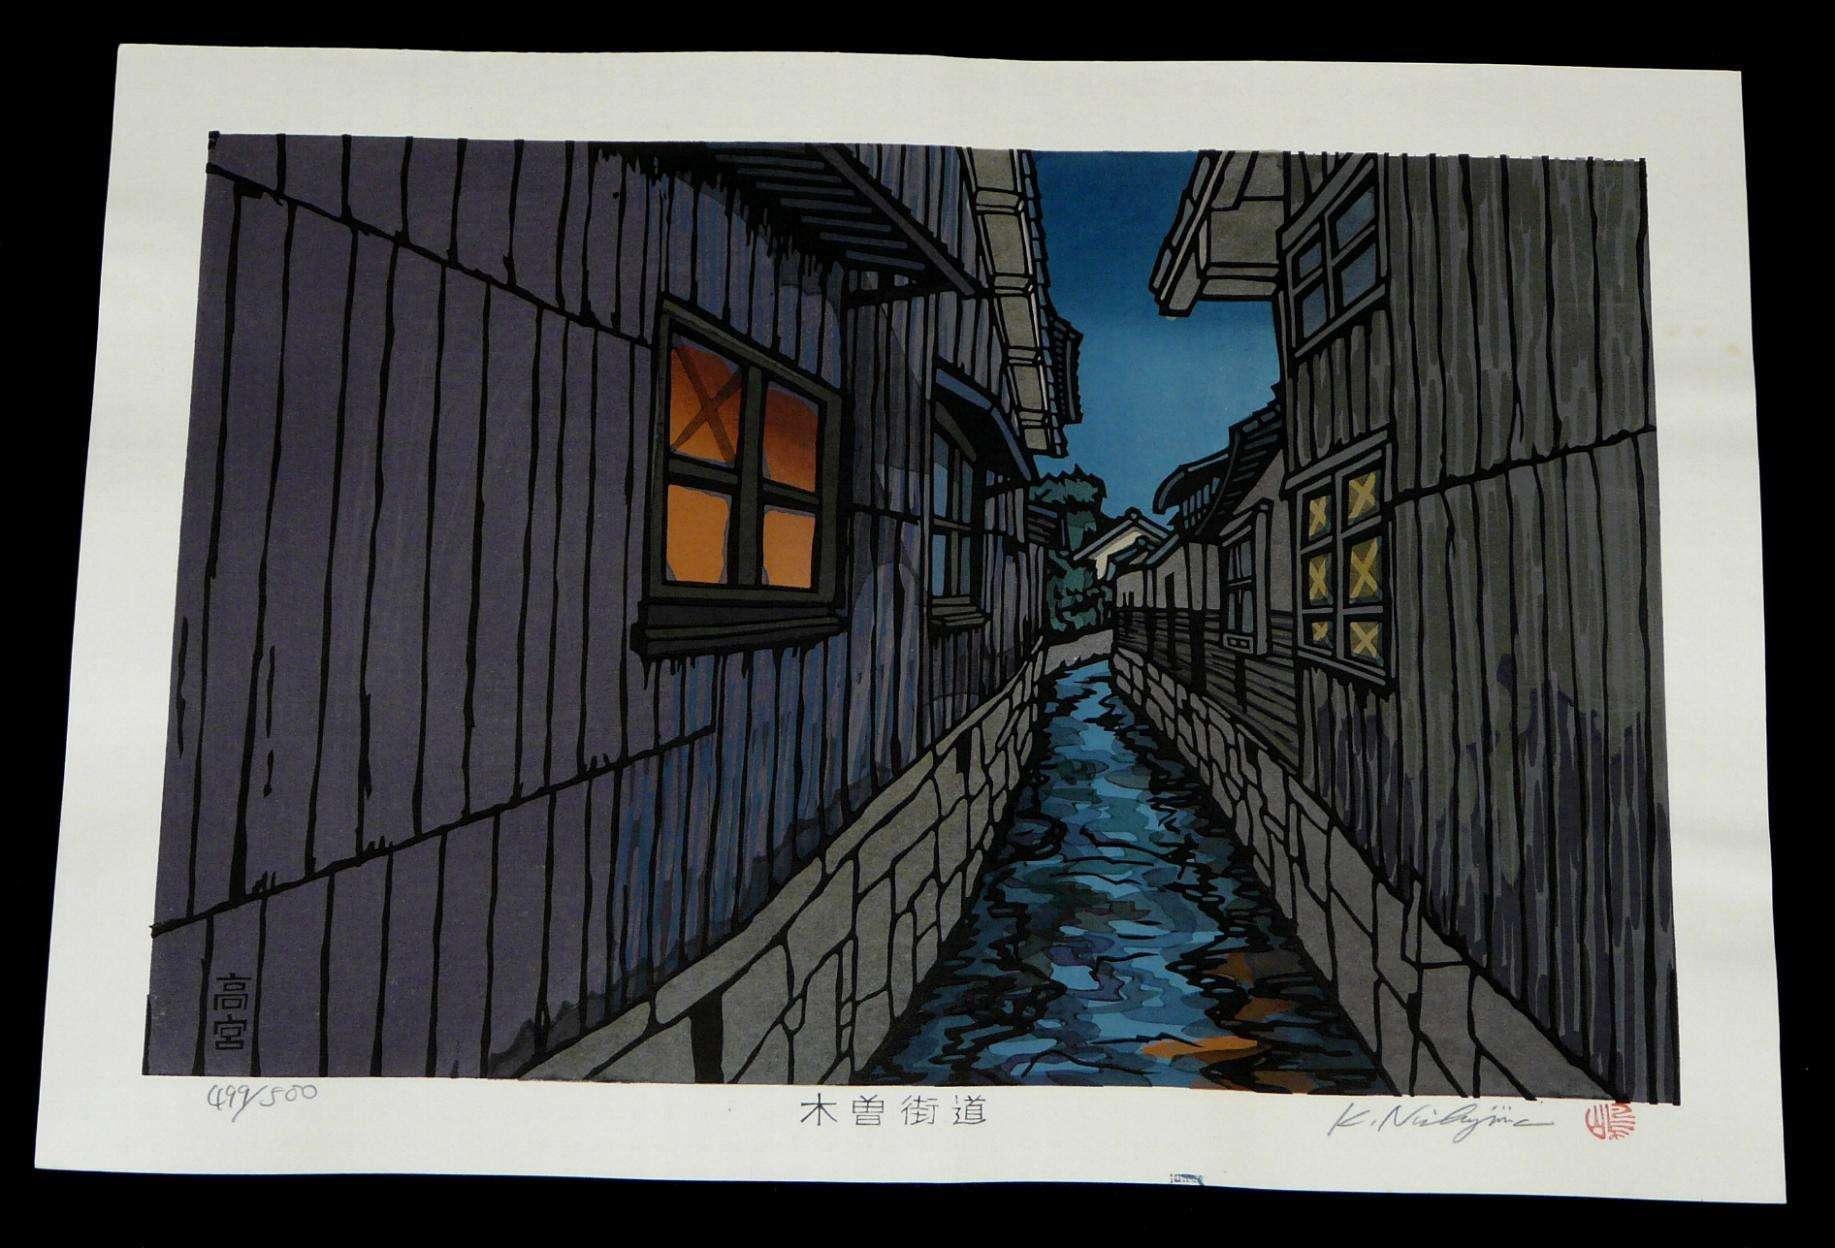 Katsuyuki Nishijima: #P3077 NIGHT IN GION